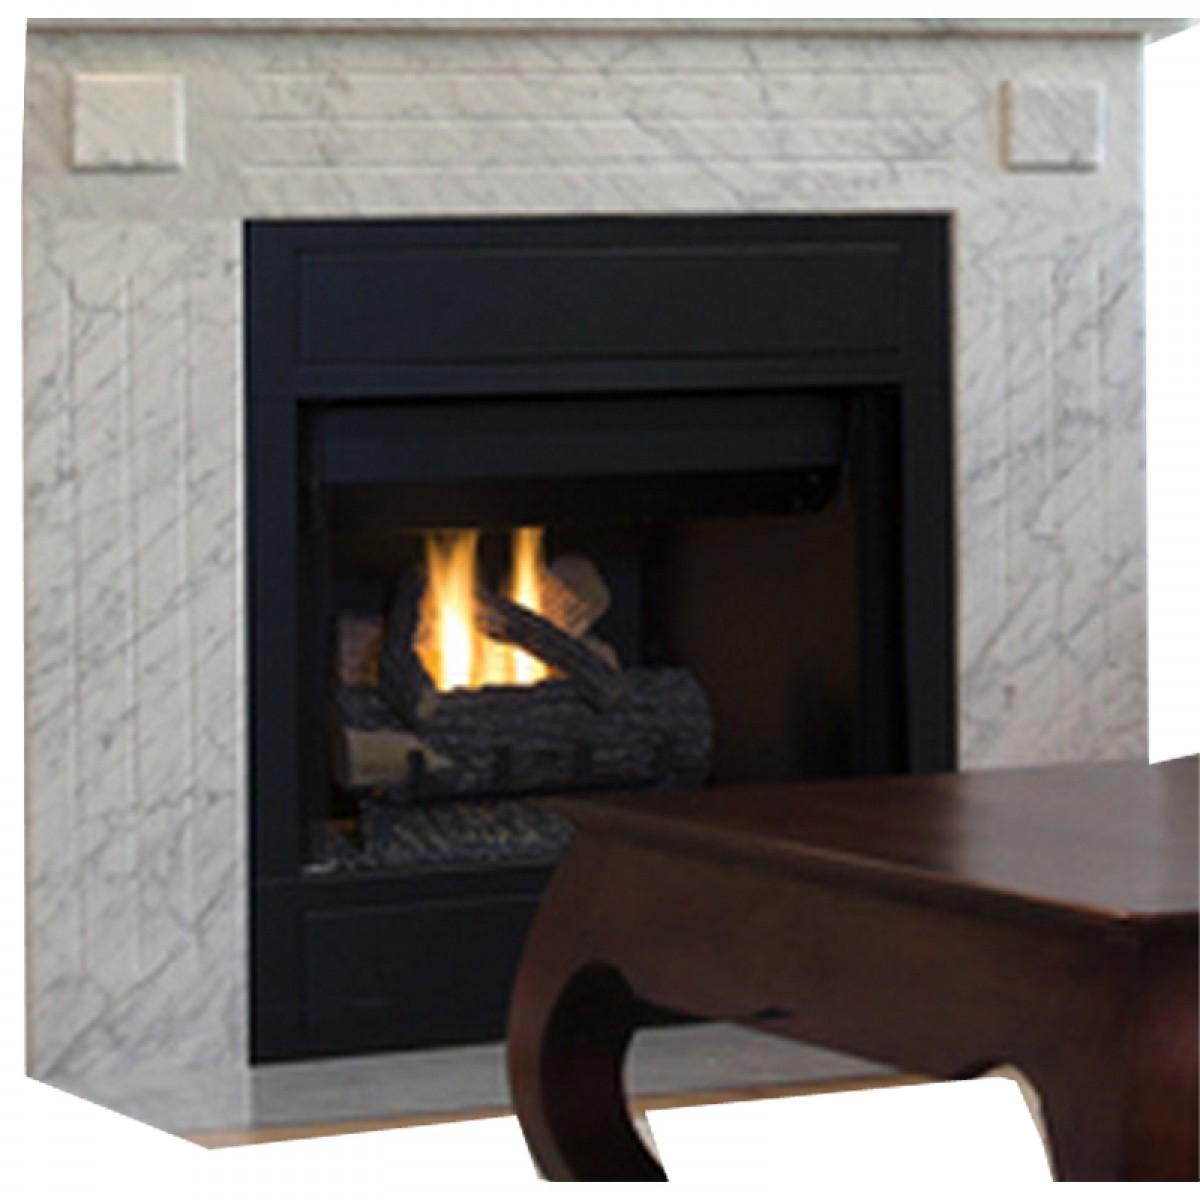 Ihp Fireplaces Ihp Superior Wct6900 Epa Ii Certified Wood Burning Fireplace Ihp Superior